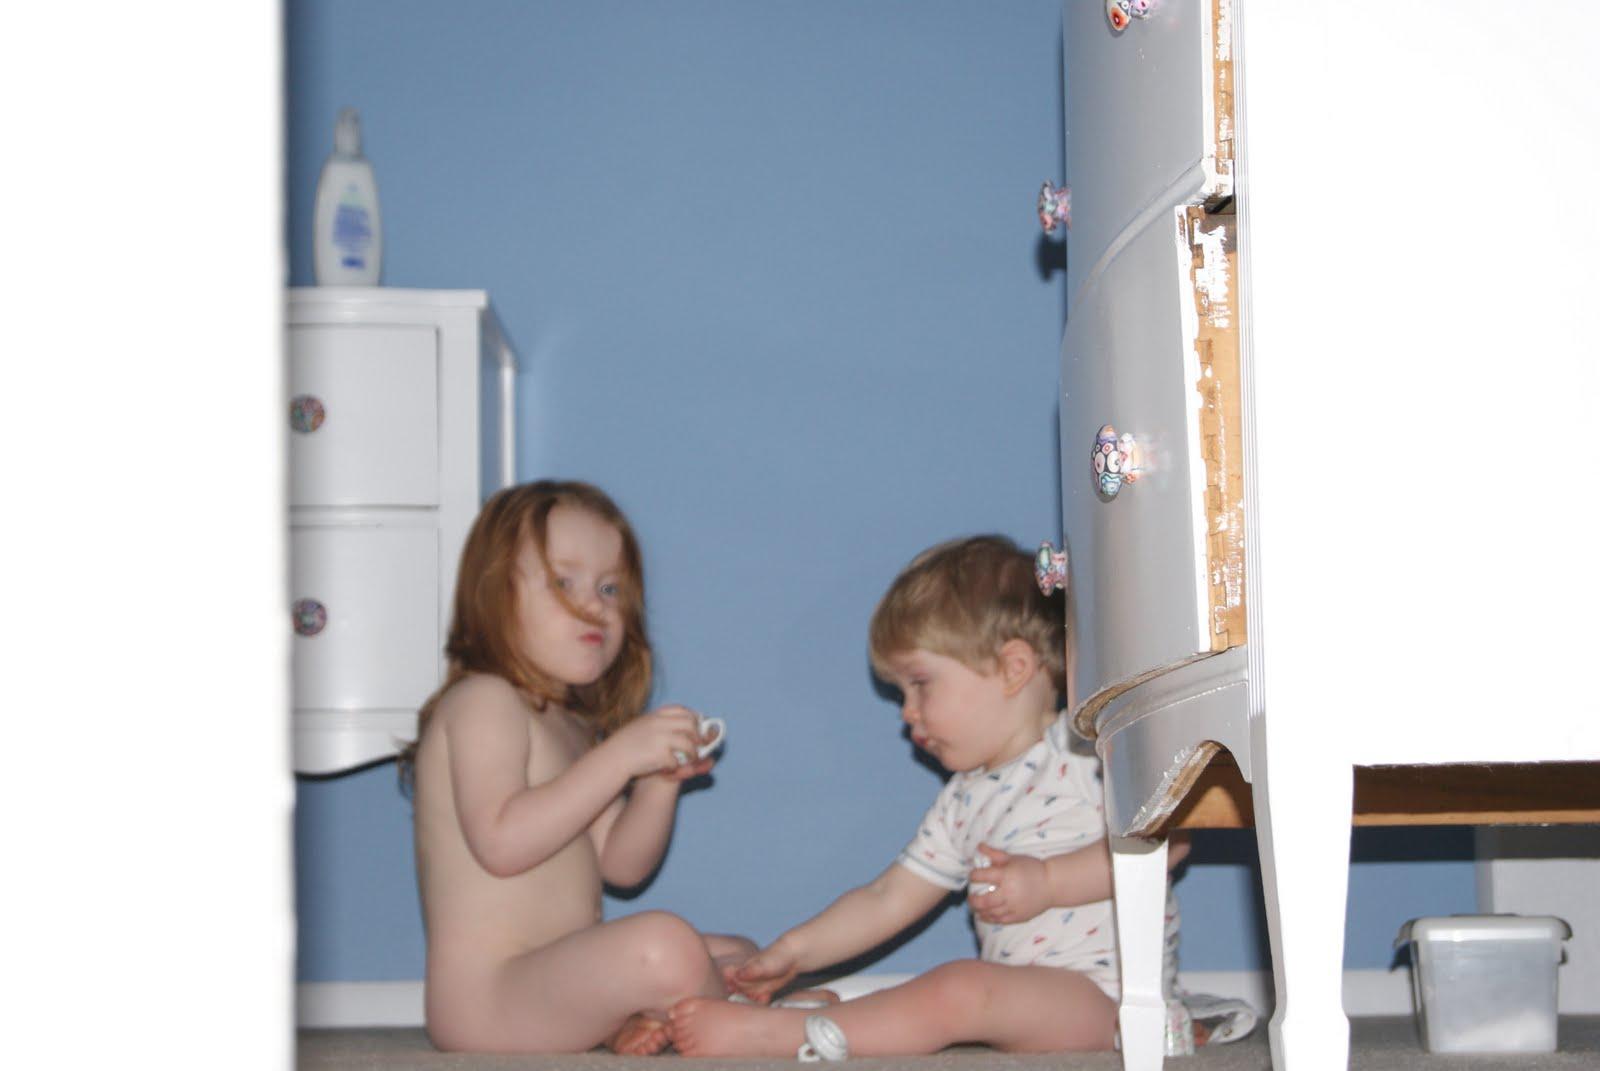 Bad Parenting Fail Mom Nude Mainstream-7101